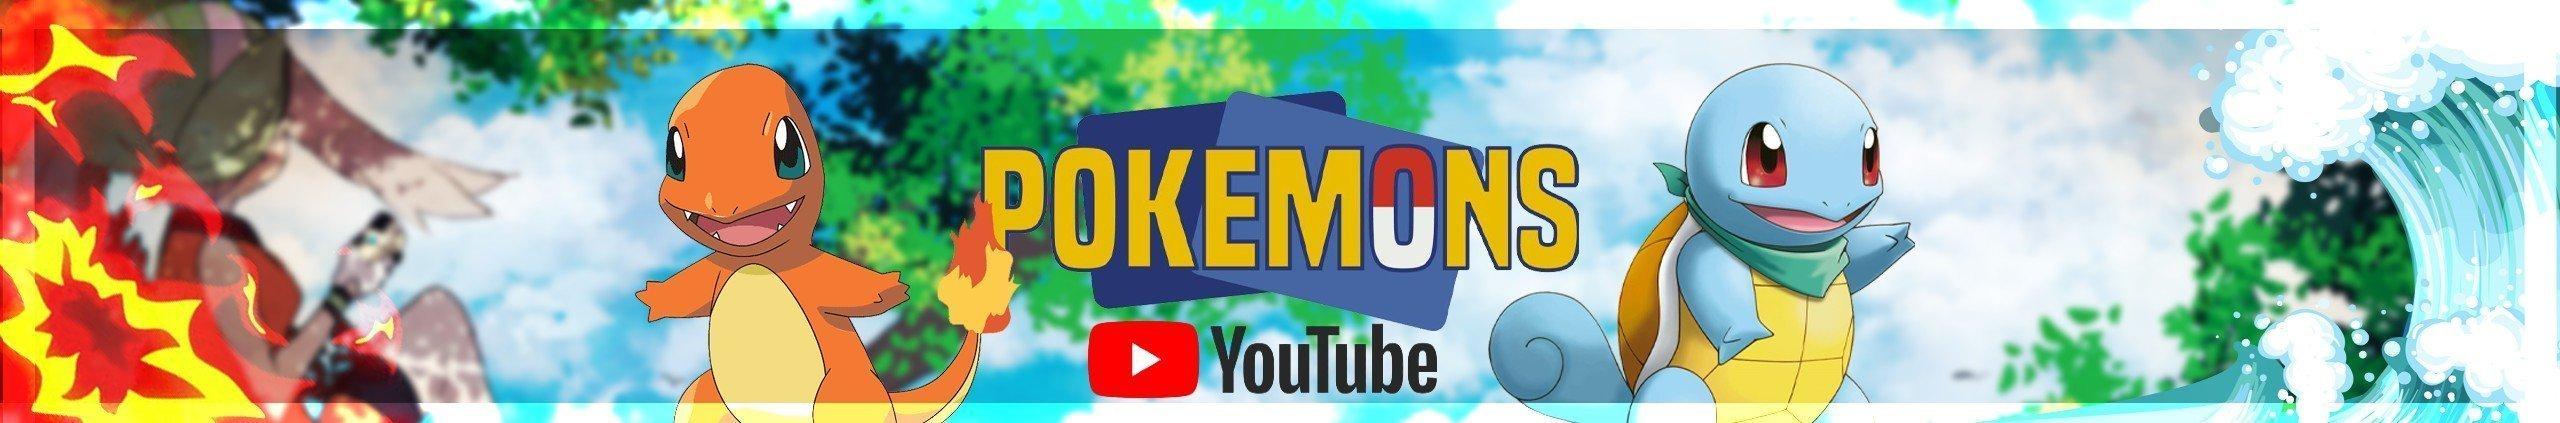 Pokemons på Youtube